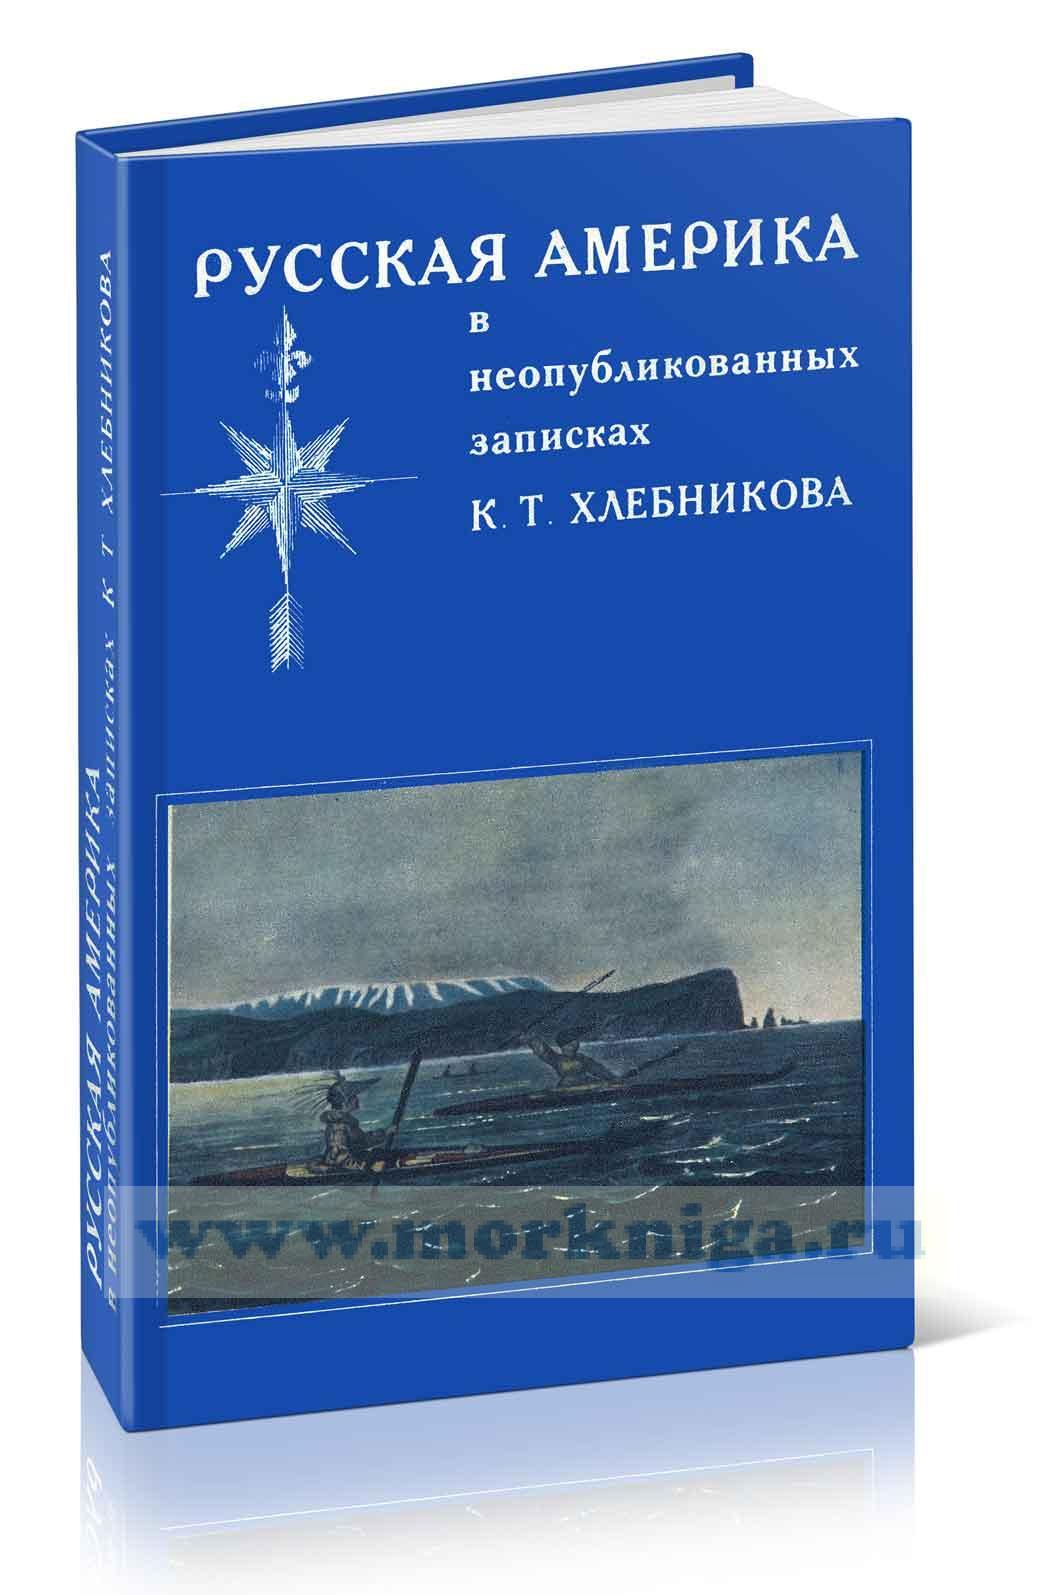 Русская Америка в неопубликованных записках К.Т. Хлебникова